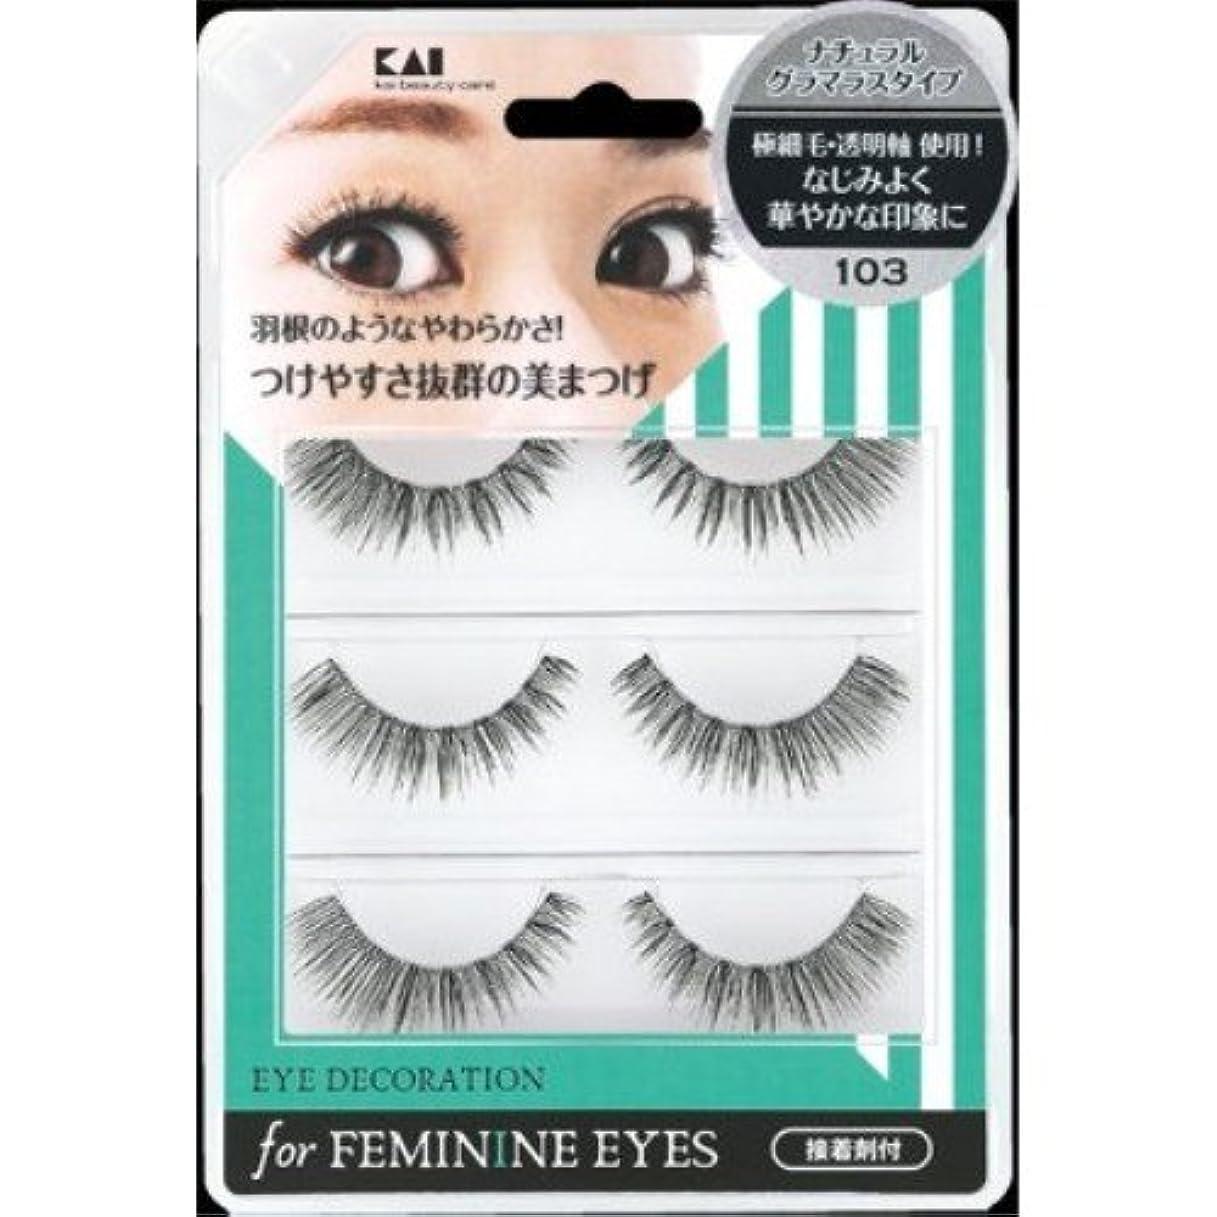 セットする接ぎ木フラップ貝印 アイデコレーション for feminine eyes 103 HC1557